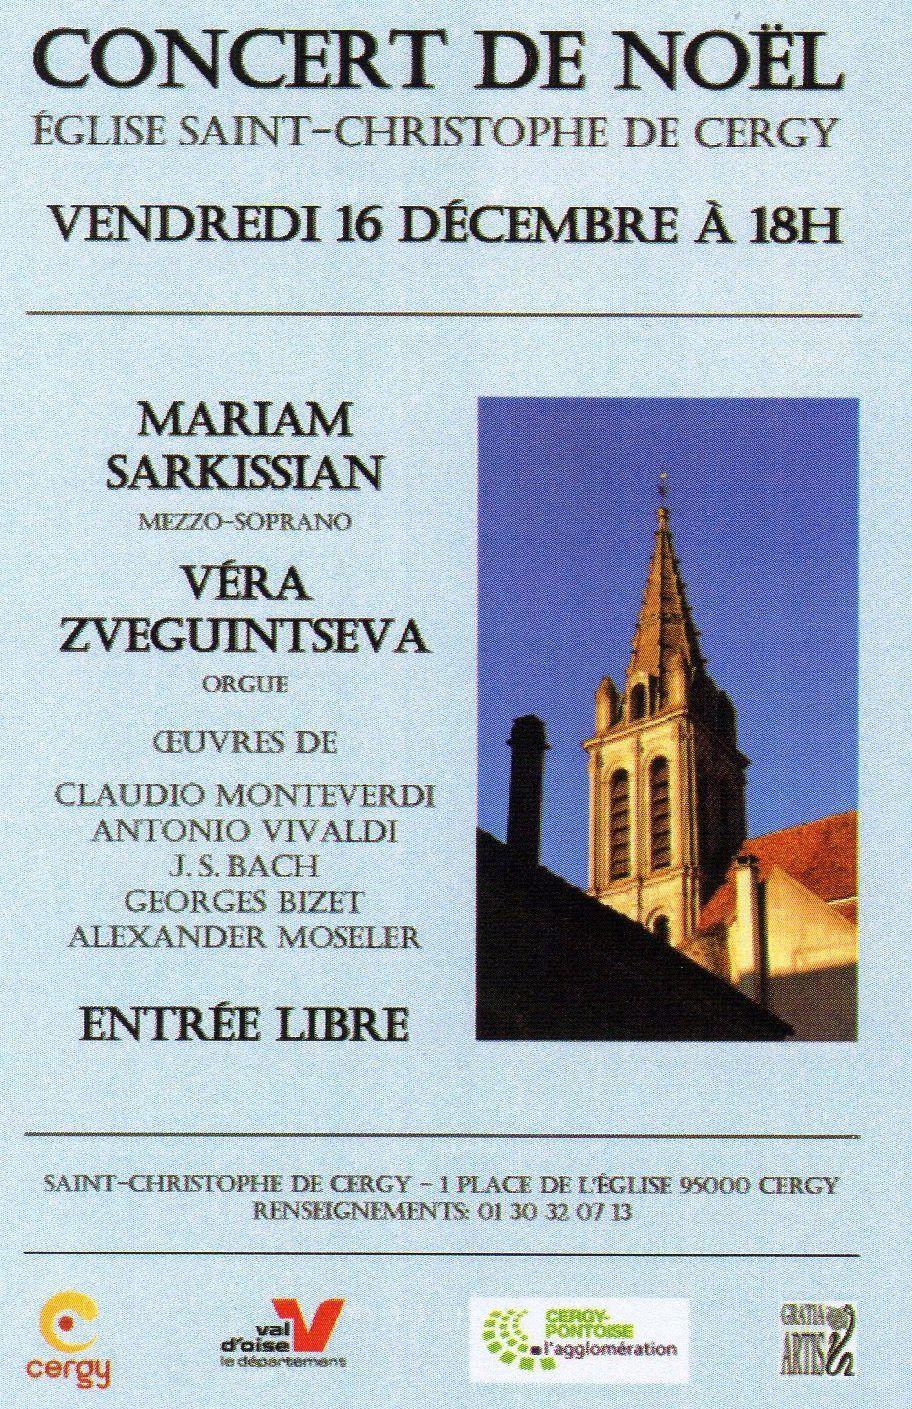 Concert de Noël à l'église Saint-Christophe de Cergy